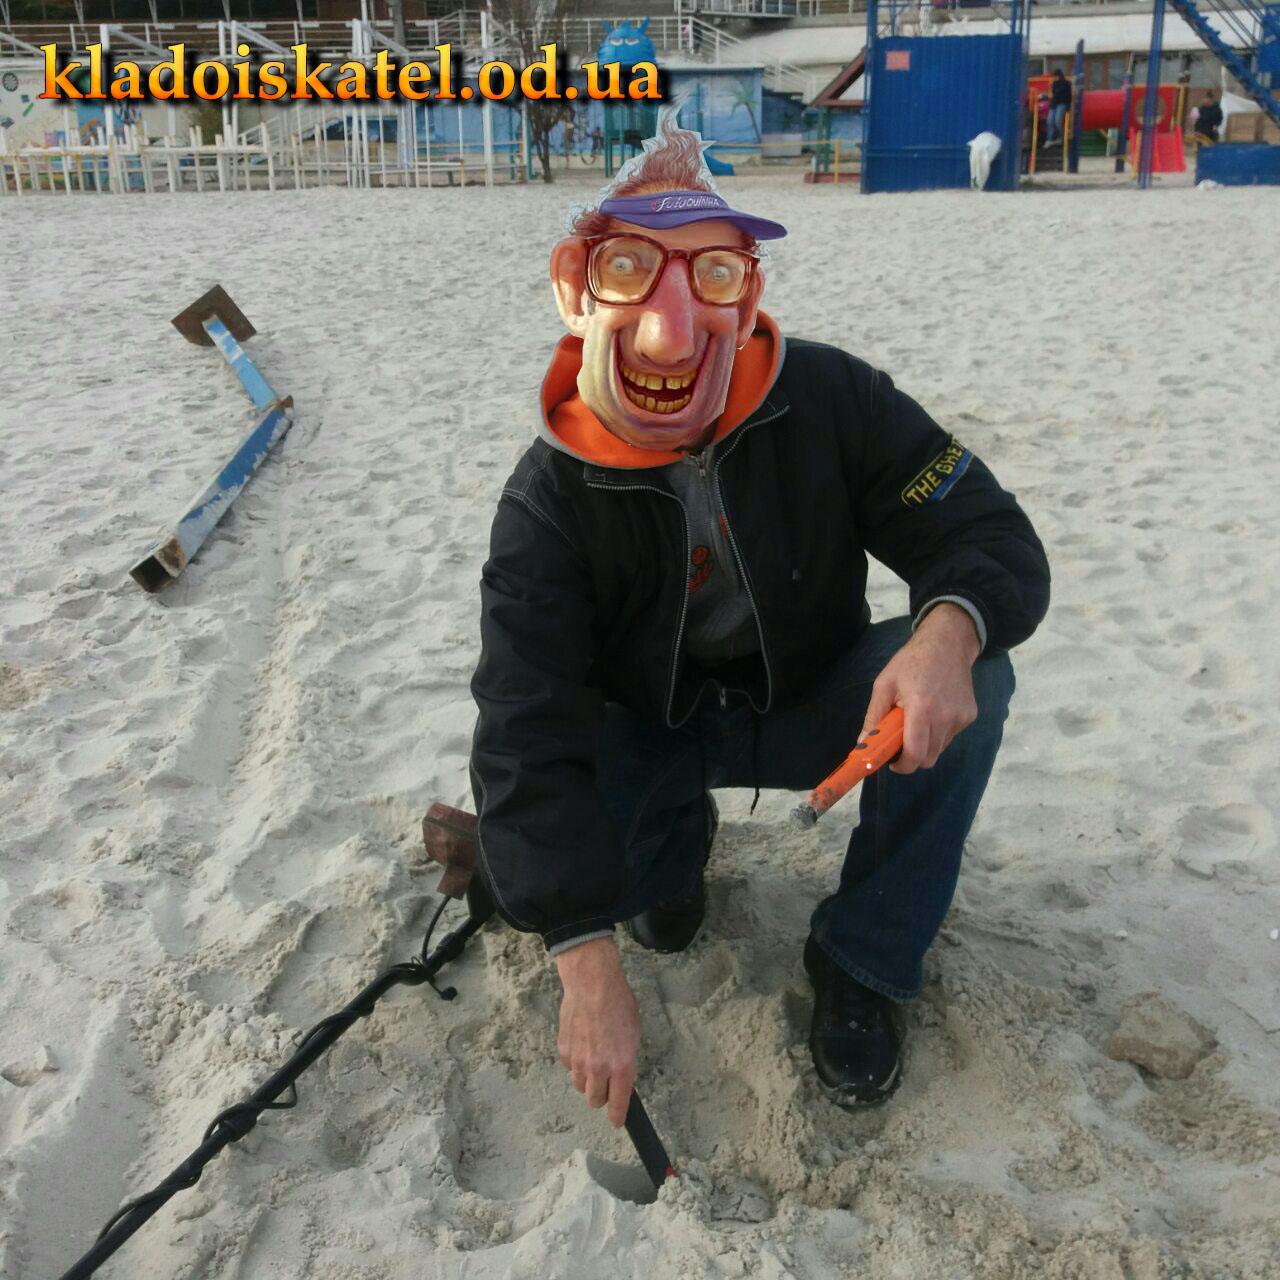 кладоискатель пляжник